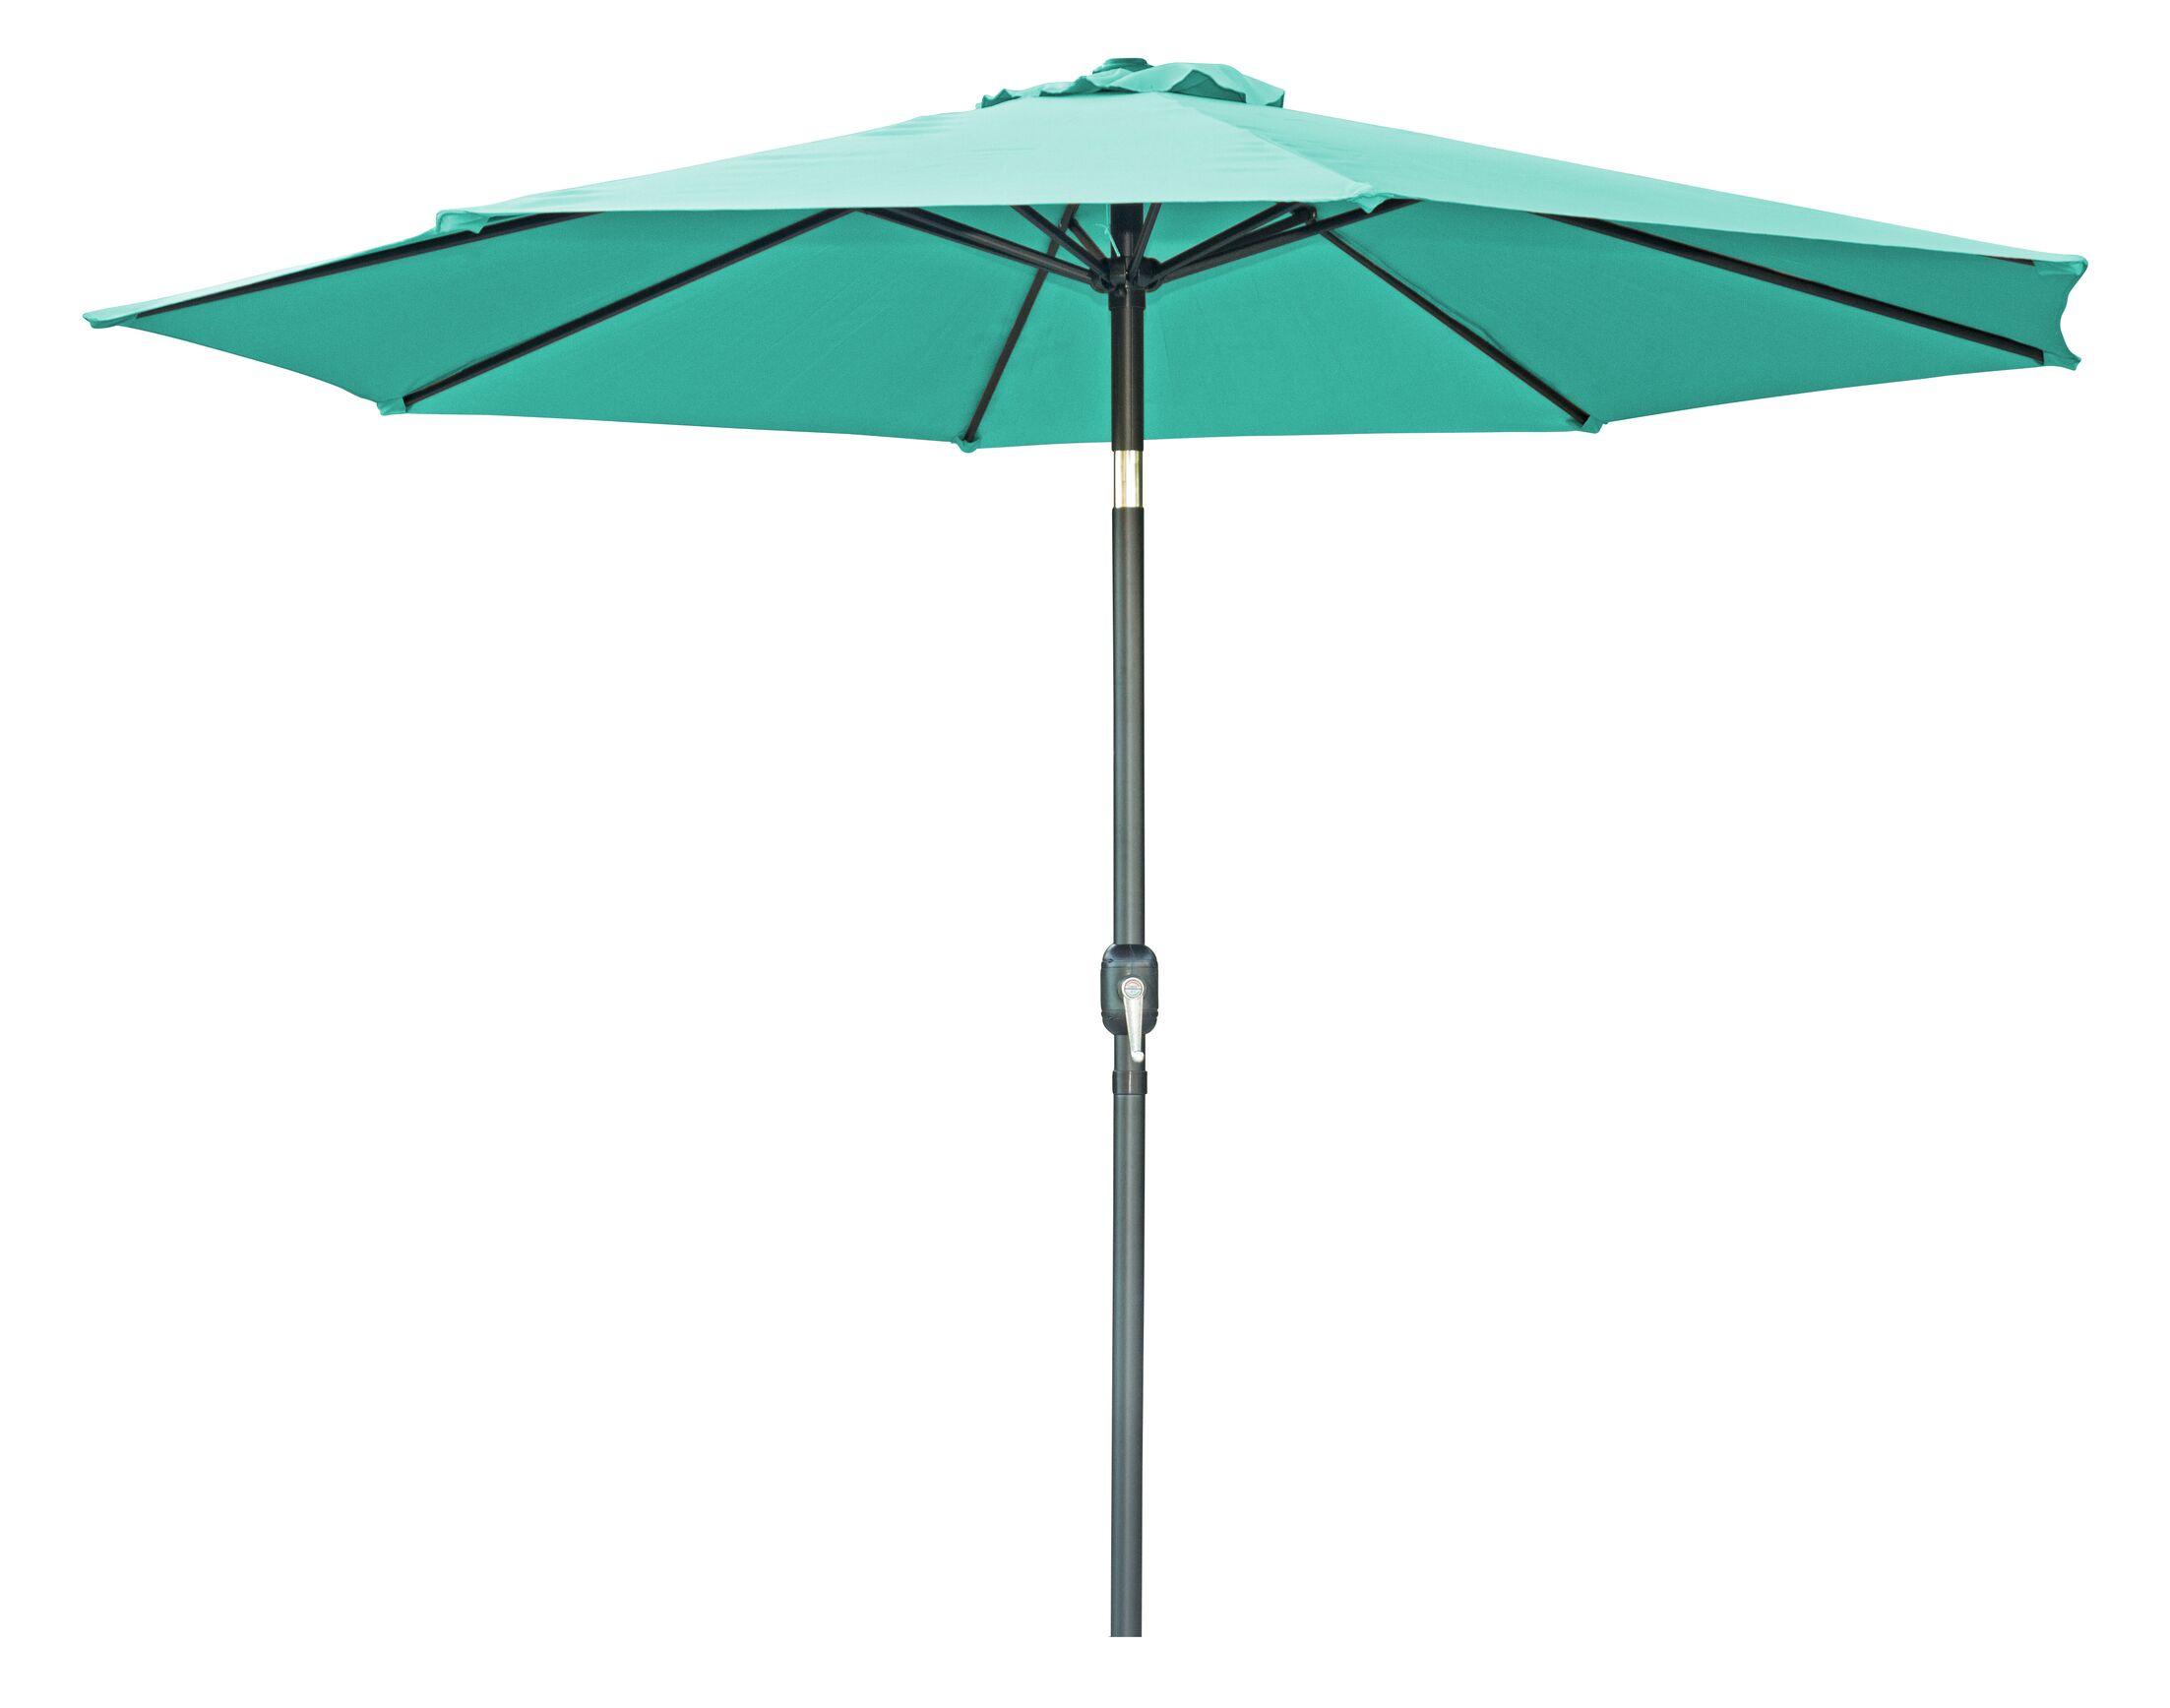 9.5' Market Umbrella Color: Teal